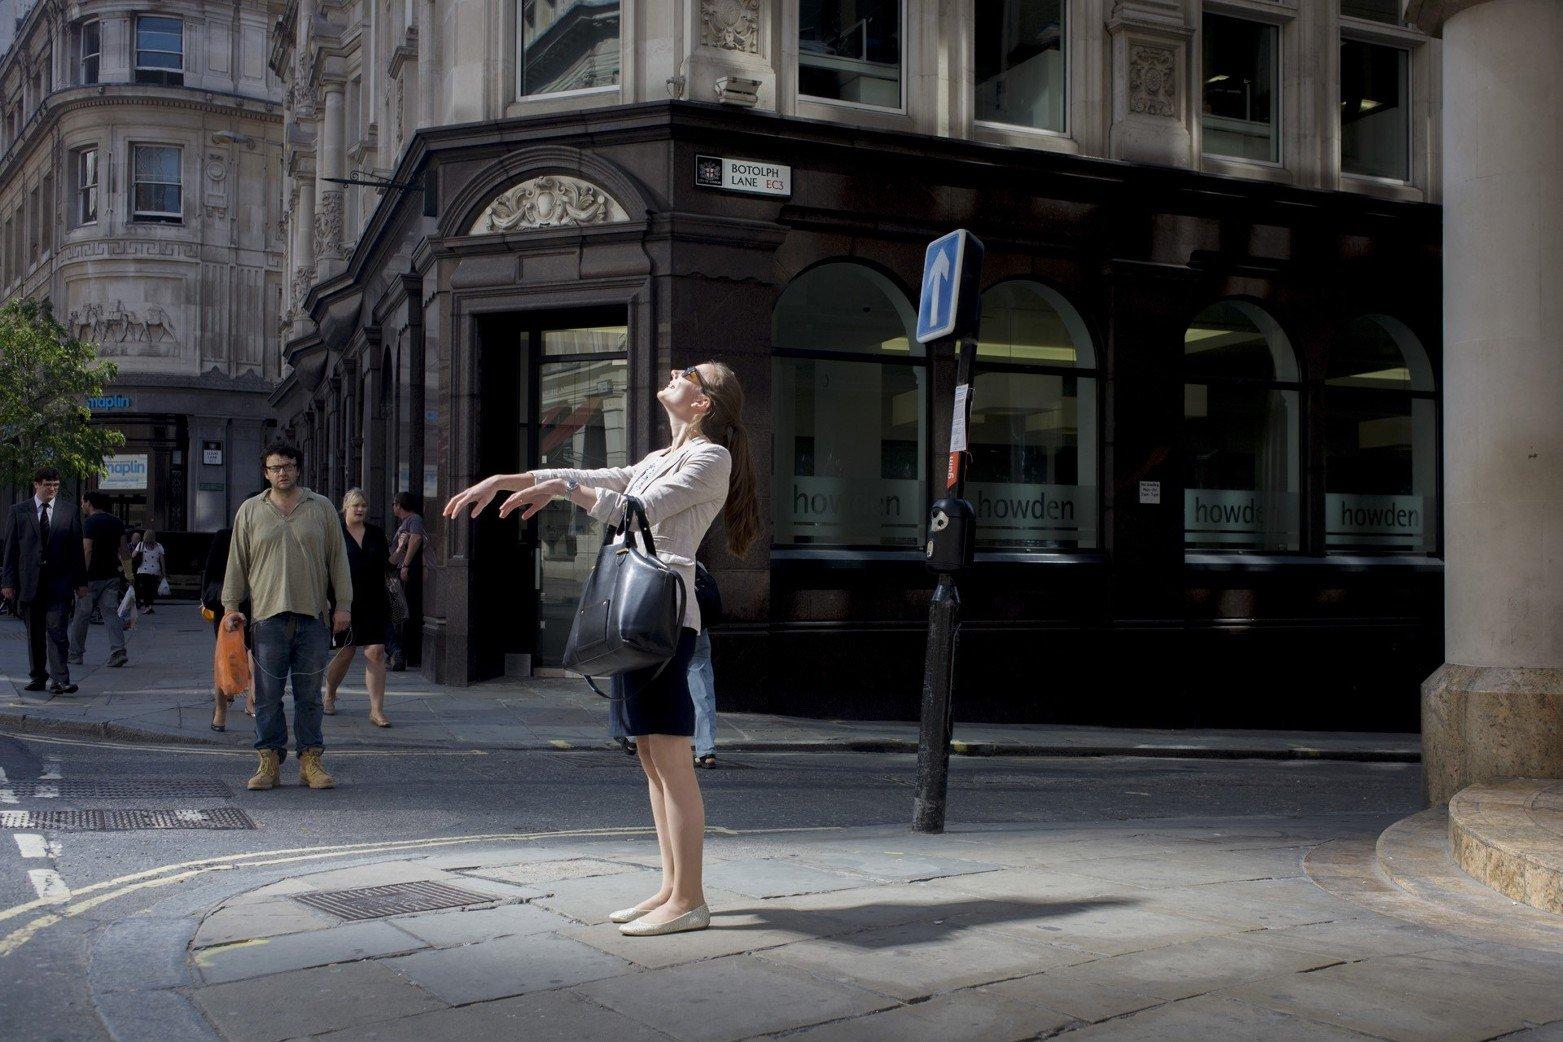 Тепло, Лондон, 2013. Фотограф Ричар Бейкер